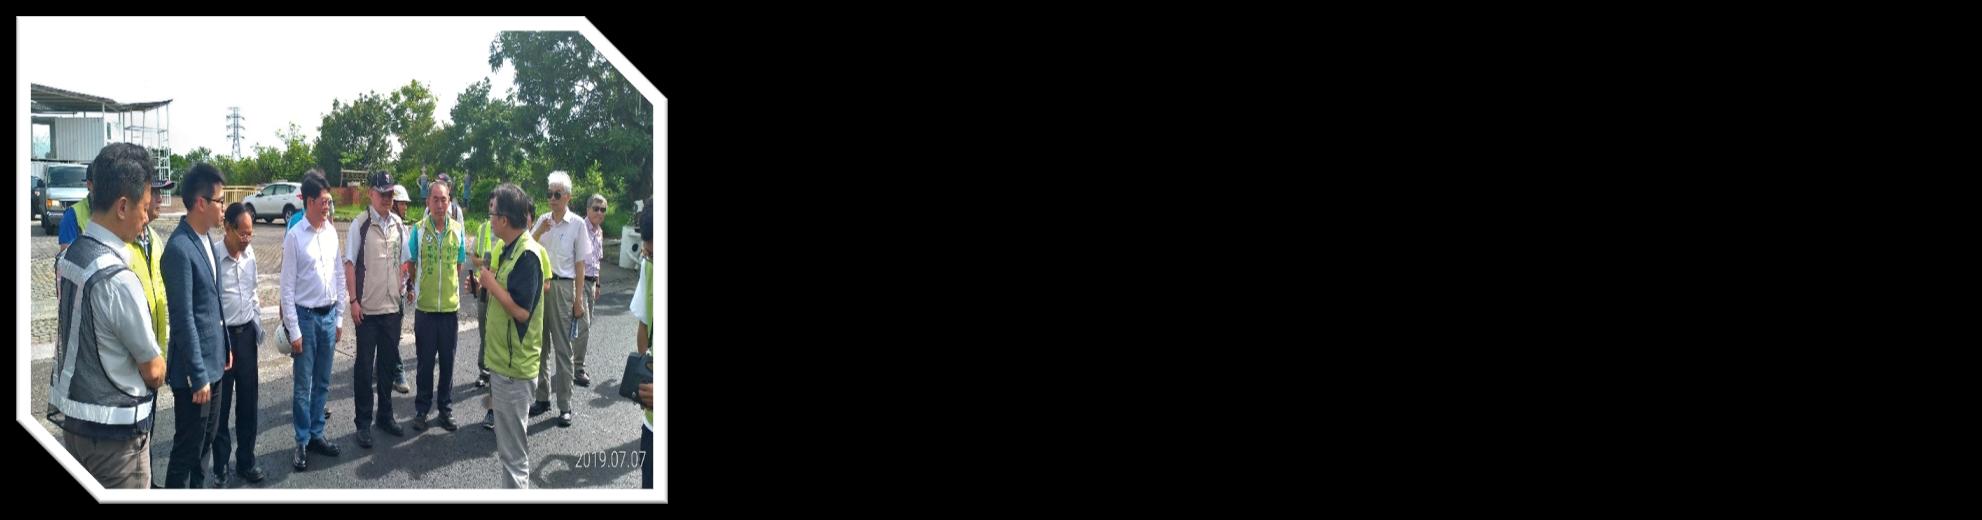 專題報導內容6、交通部黃次長玉霖視察「柳營區南95線及南108線道路優質化工程」。照片是黃次長、許副市長及蘇局長聽取業務單位說明。按下連結可閱讀全文。